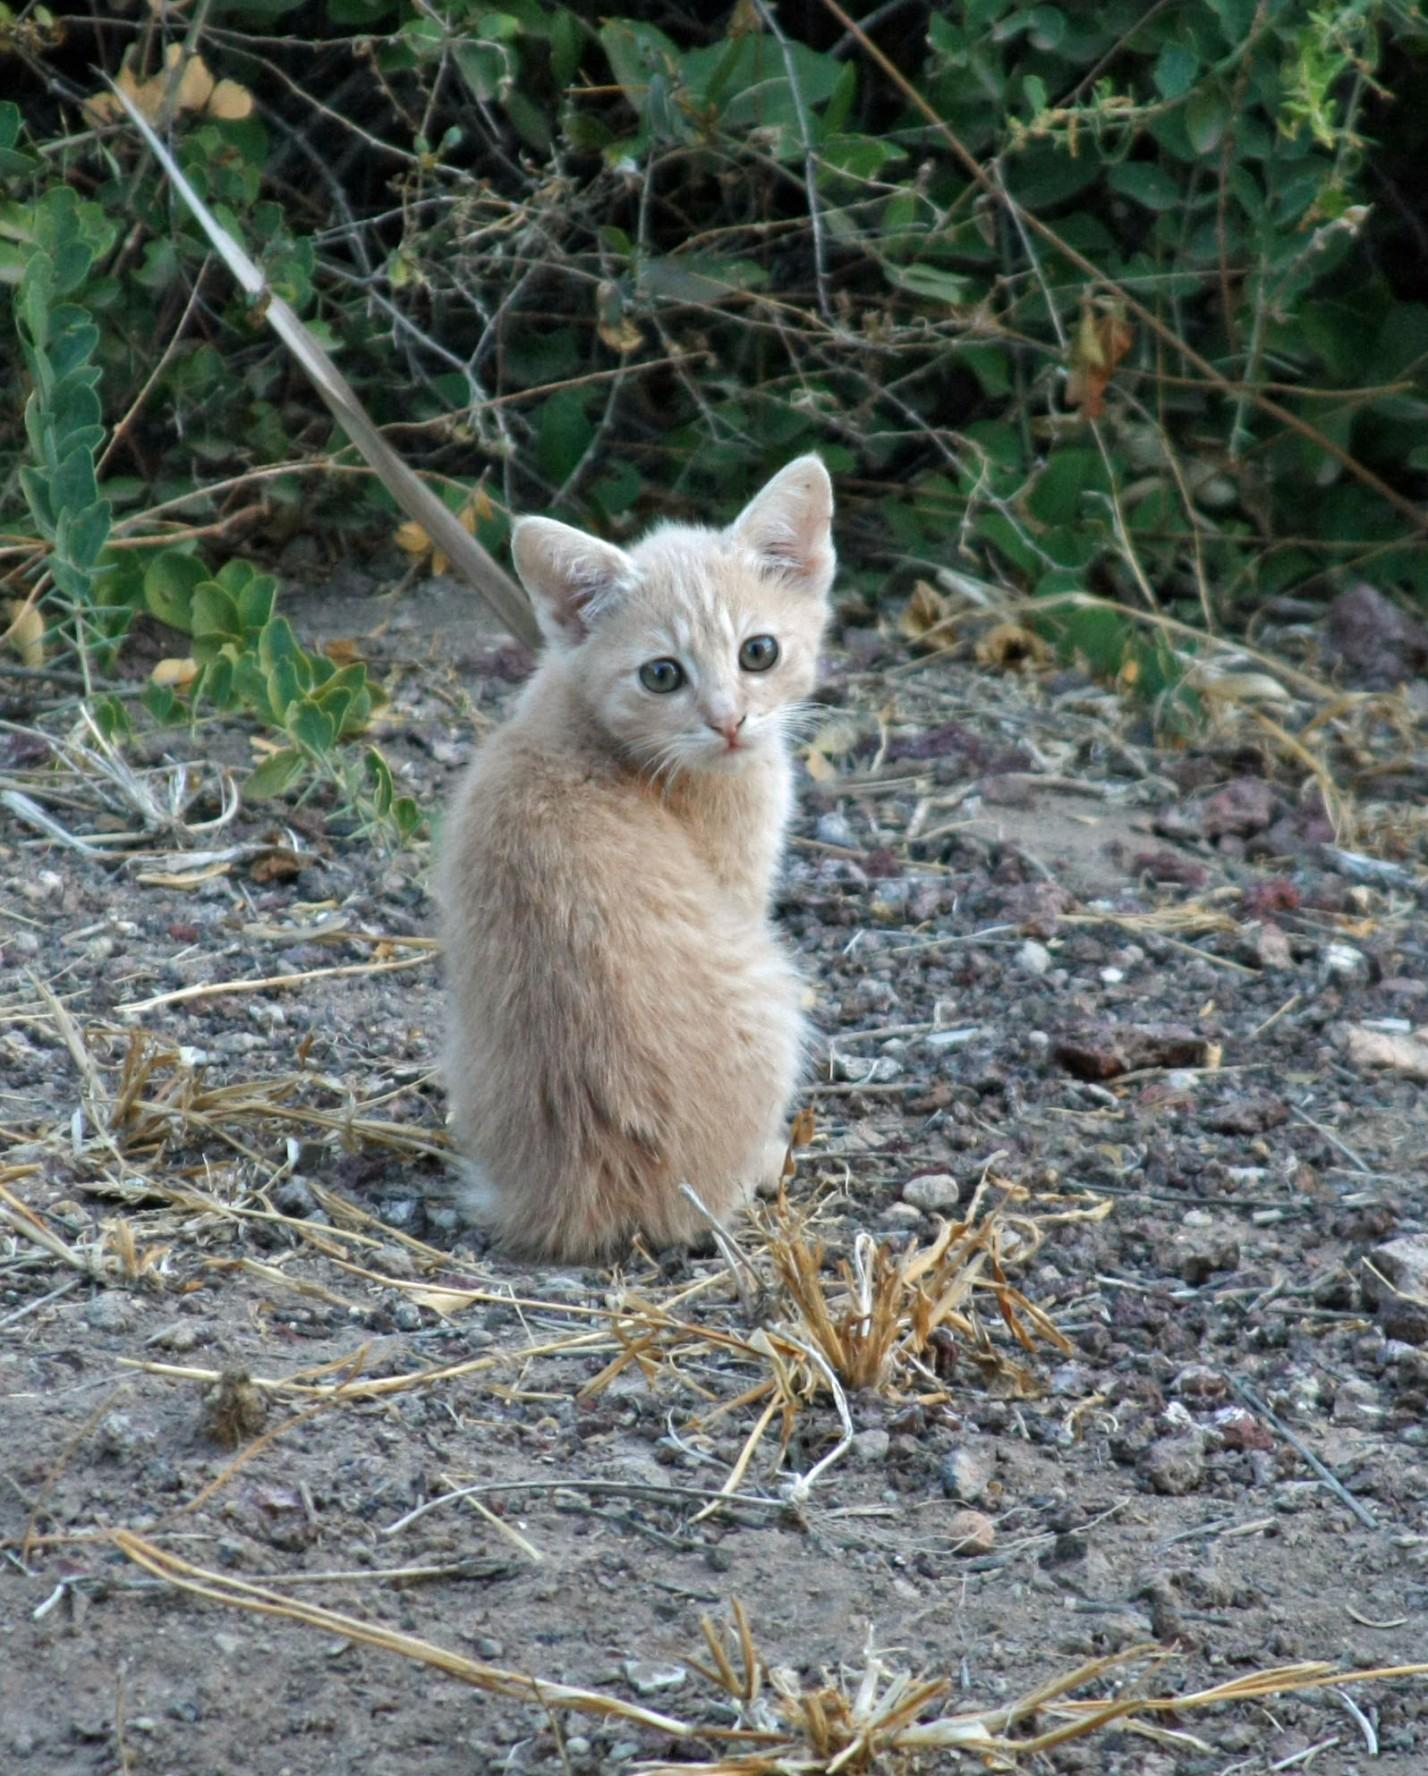 Kenya kittens